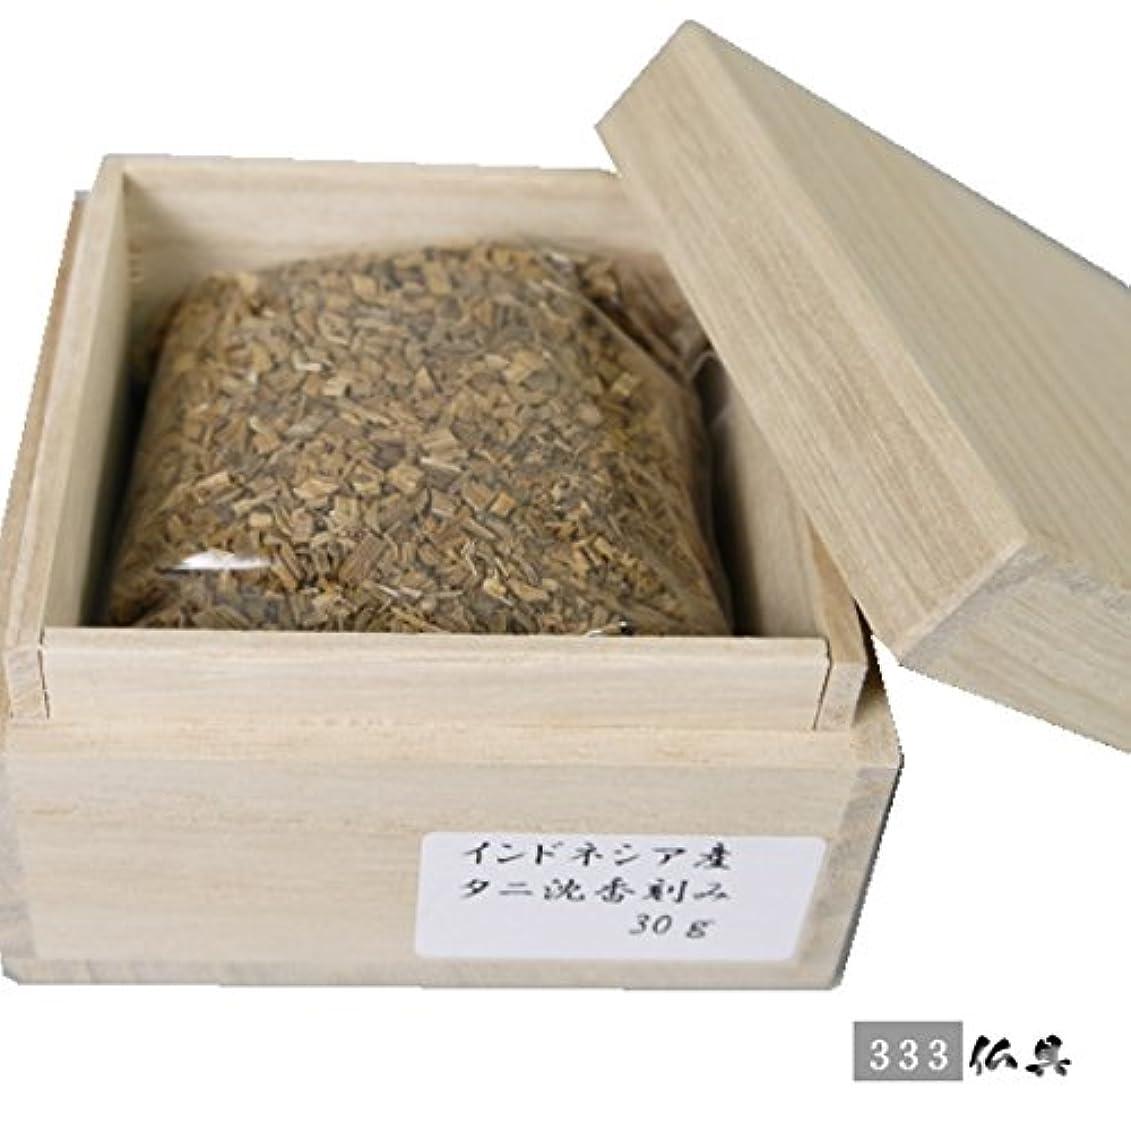 に同意する重なる非武装化沈香 インドネシア産 タニ沈香 刻み 30g